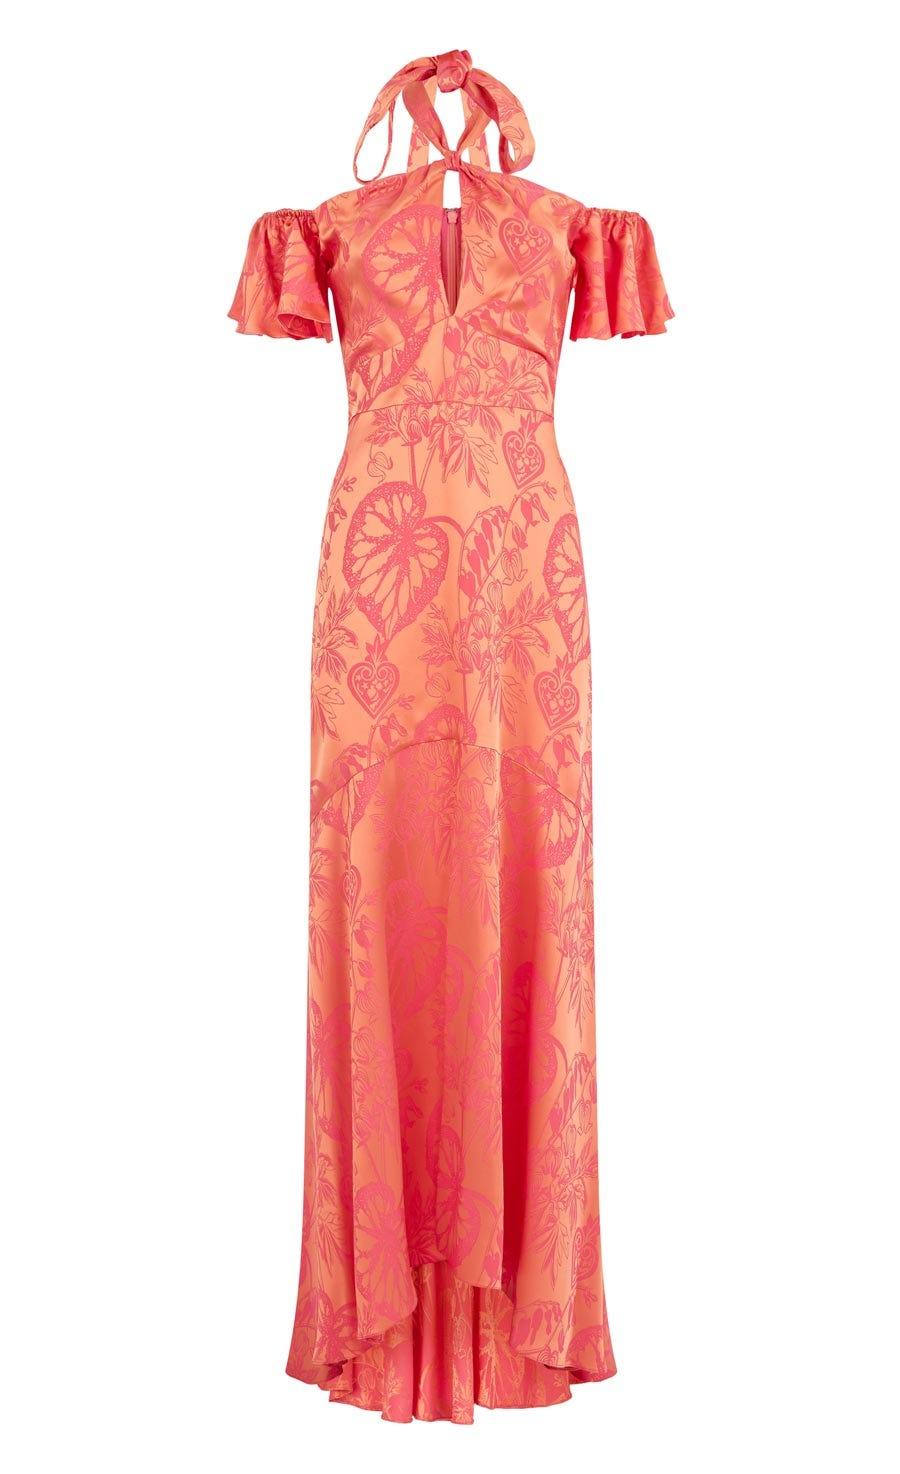 Orbit Dress, Fuschia Mix